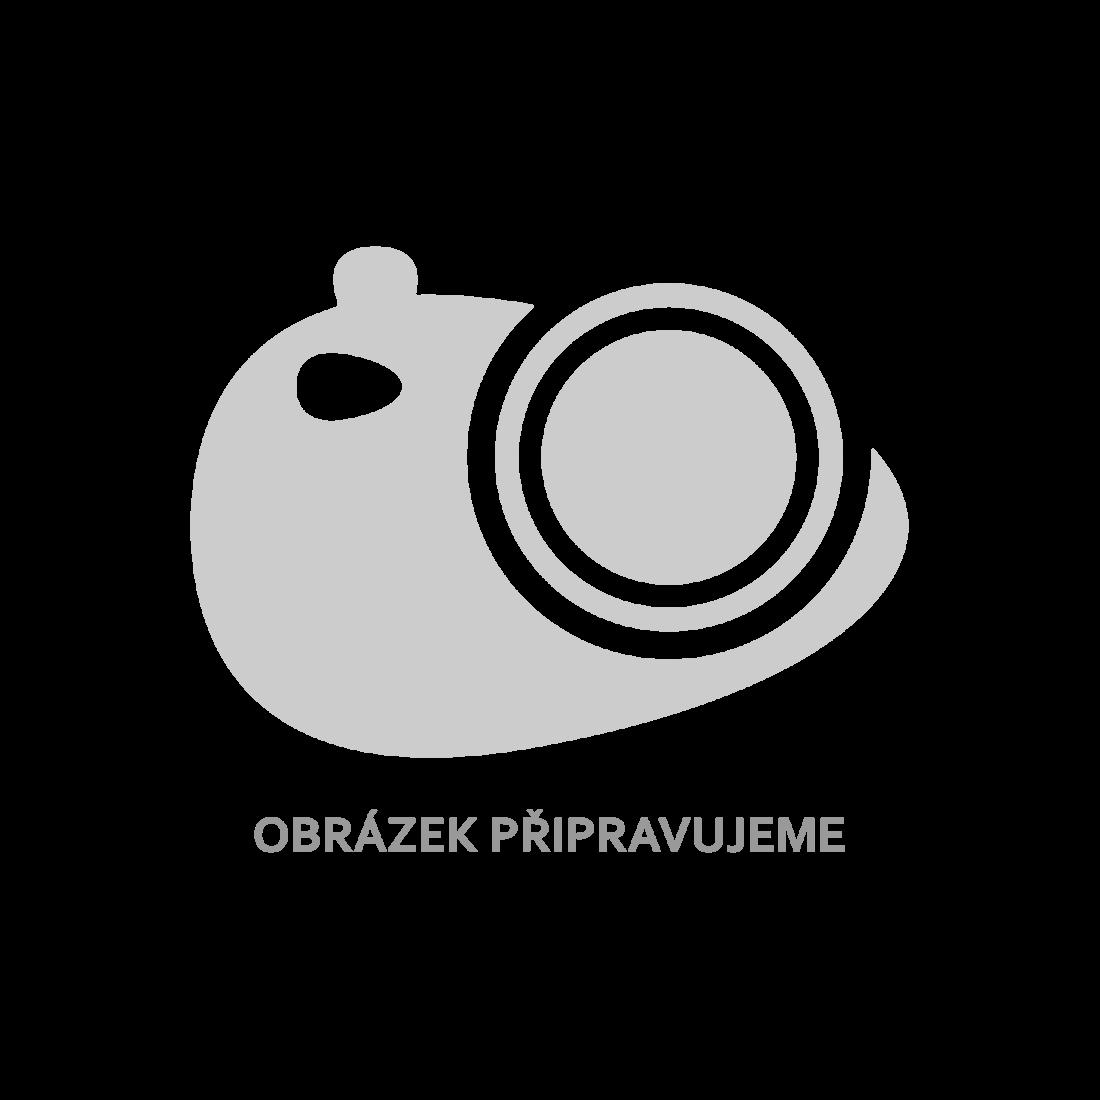 vidaXL Rám postele 4 zásuvky medově hnědý masivní borovice 180x200 cm [3060536]